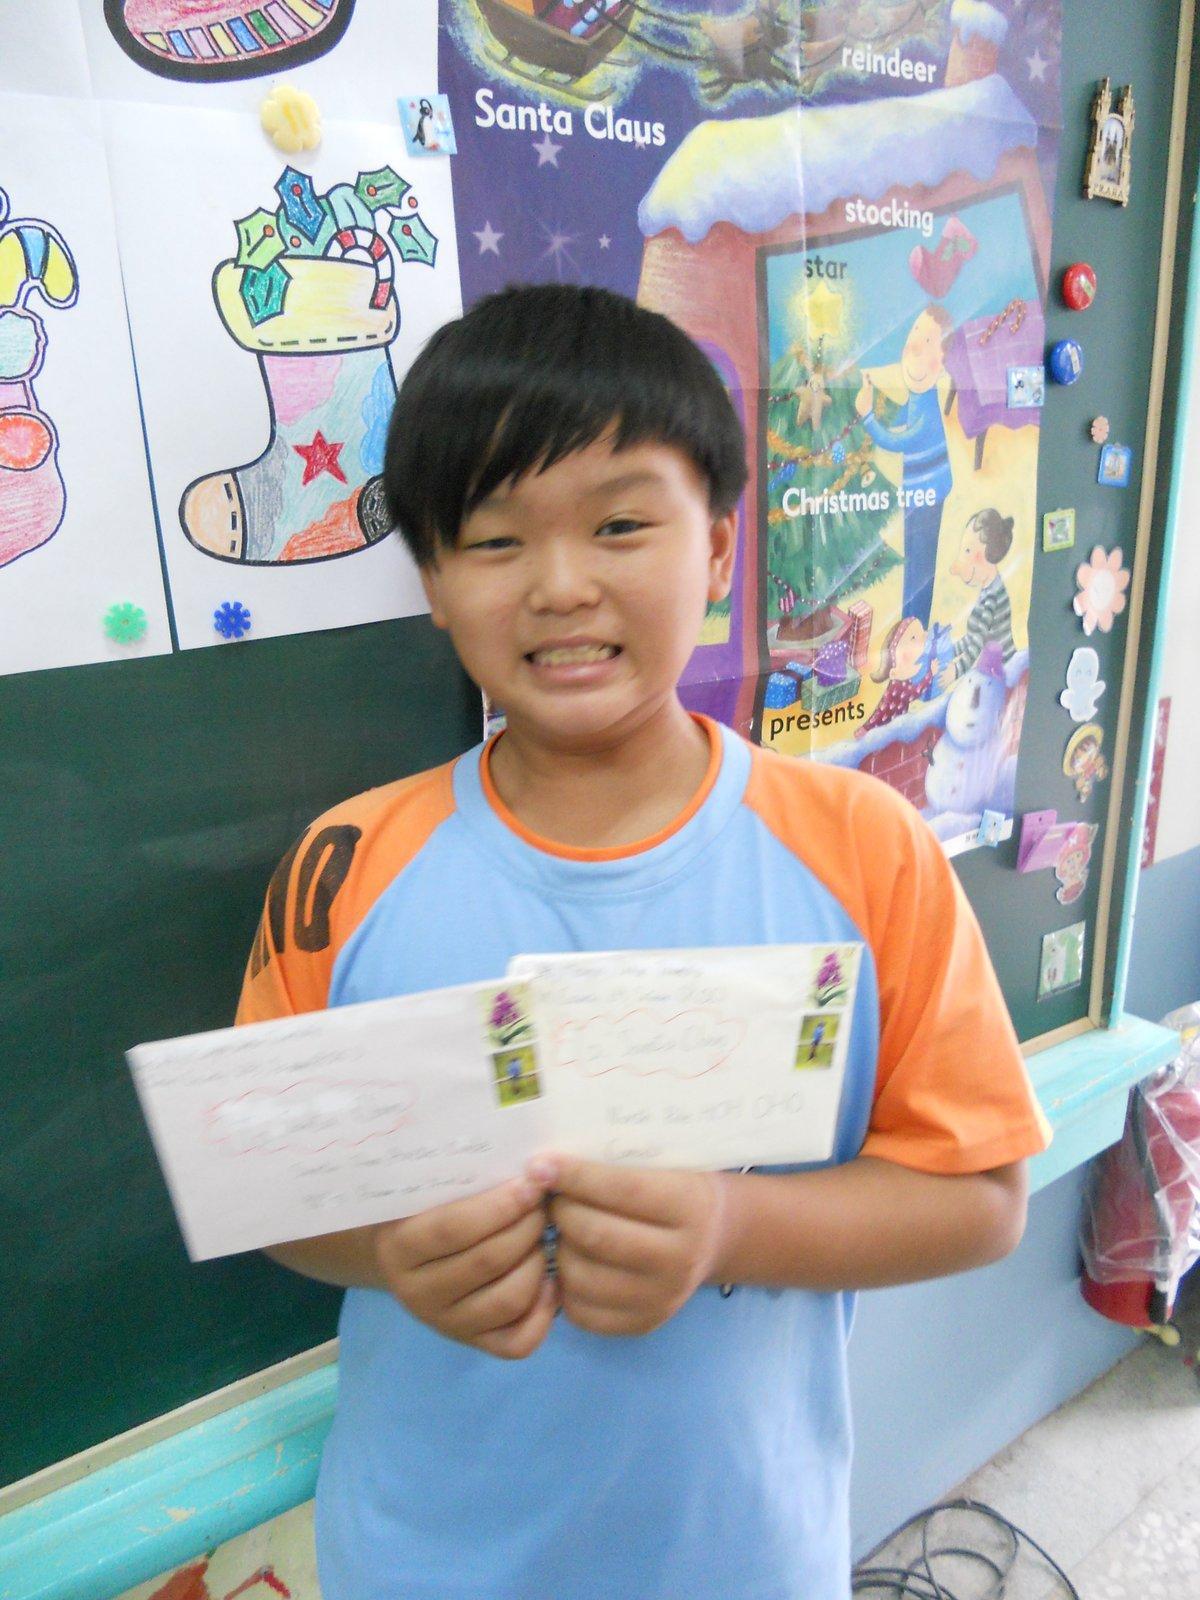 學校活動照片: 美勞英語融入:寫信給聖誕老人(實用美語)